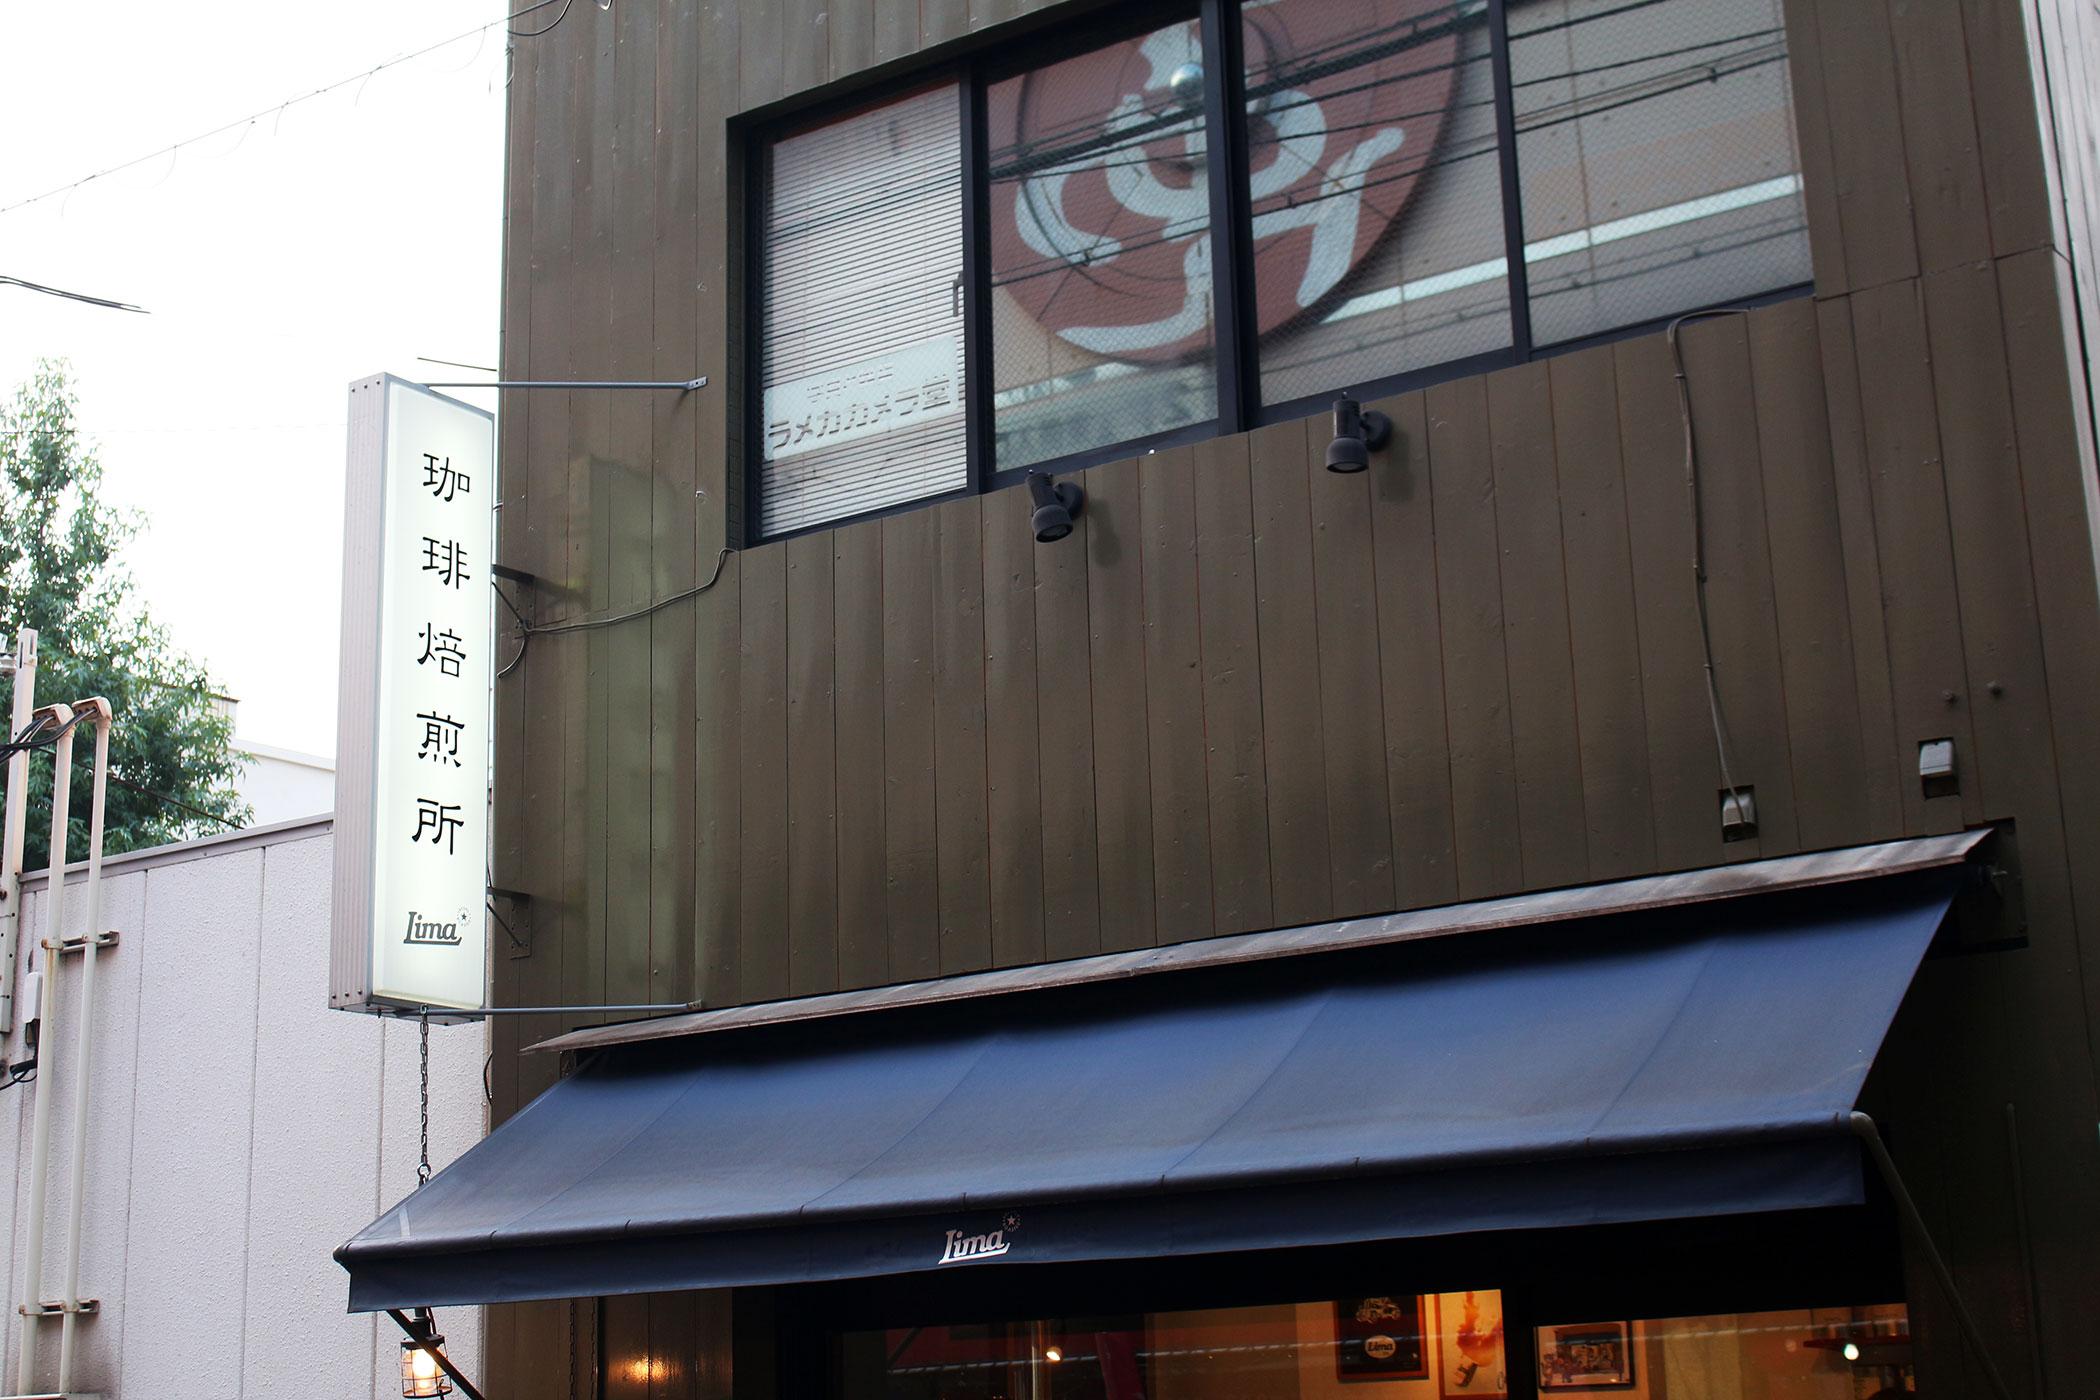 Lima Coffee (リマコーヒー) 神戸 香り高い一杯を手に神戸をぶらぶらと